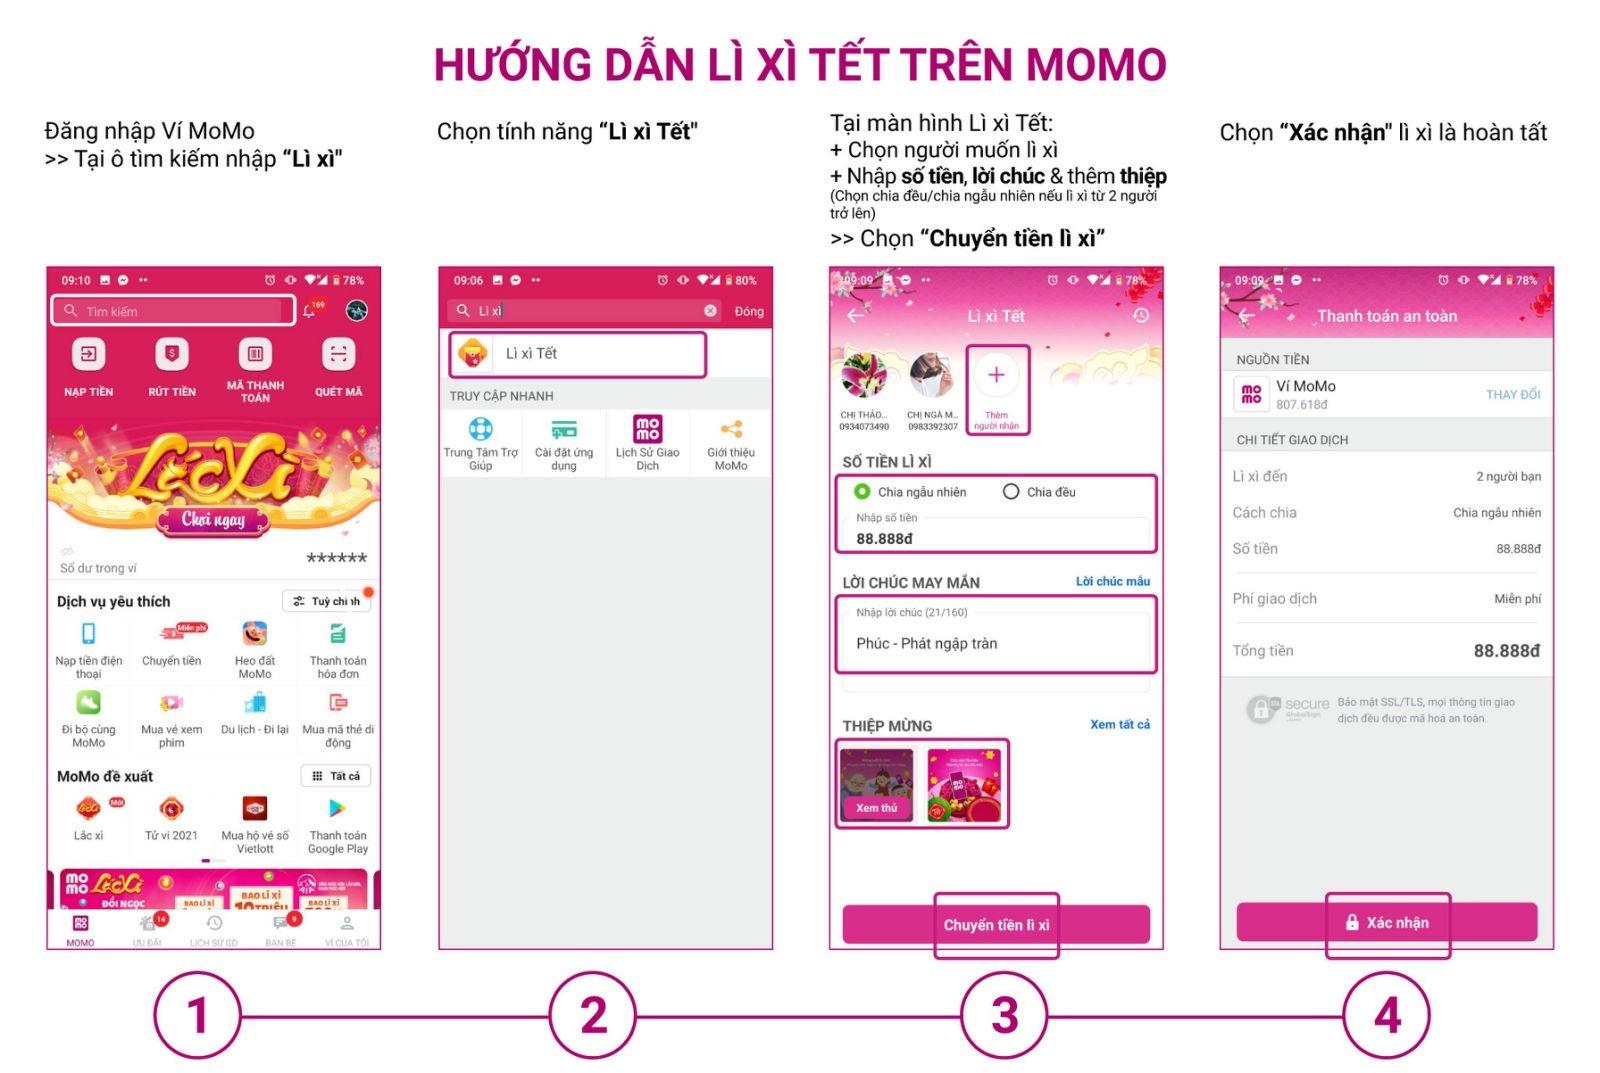 li xi online co so loc phat than tai